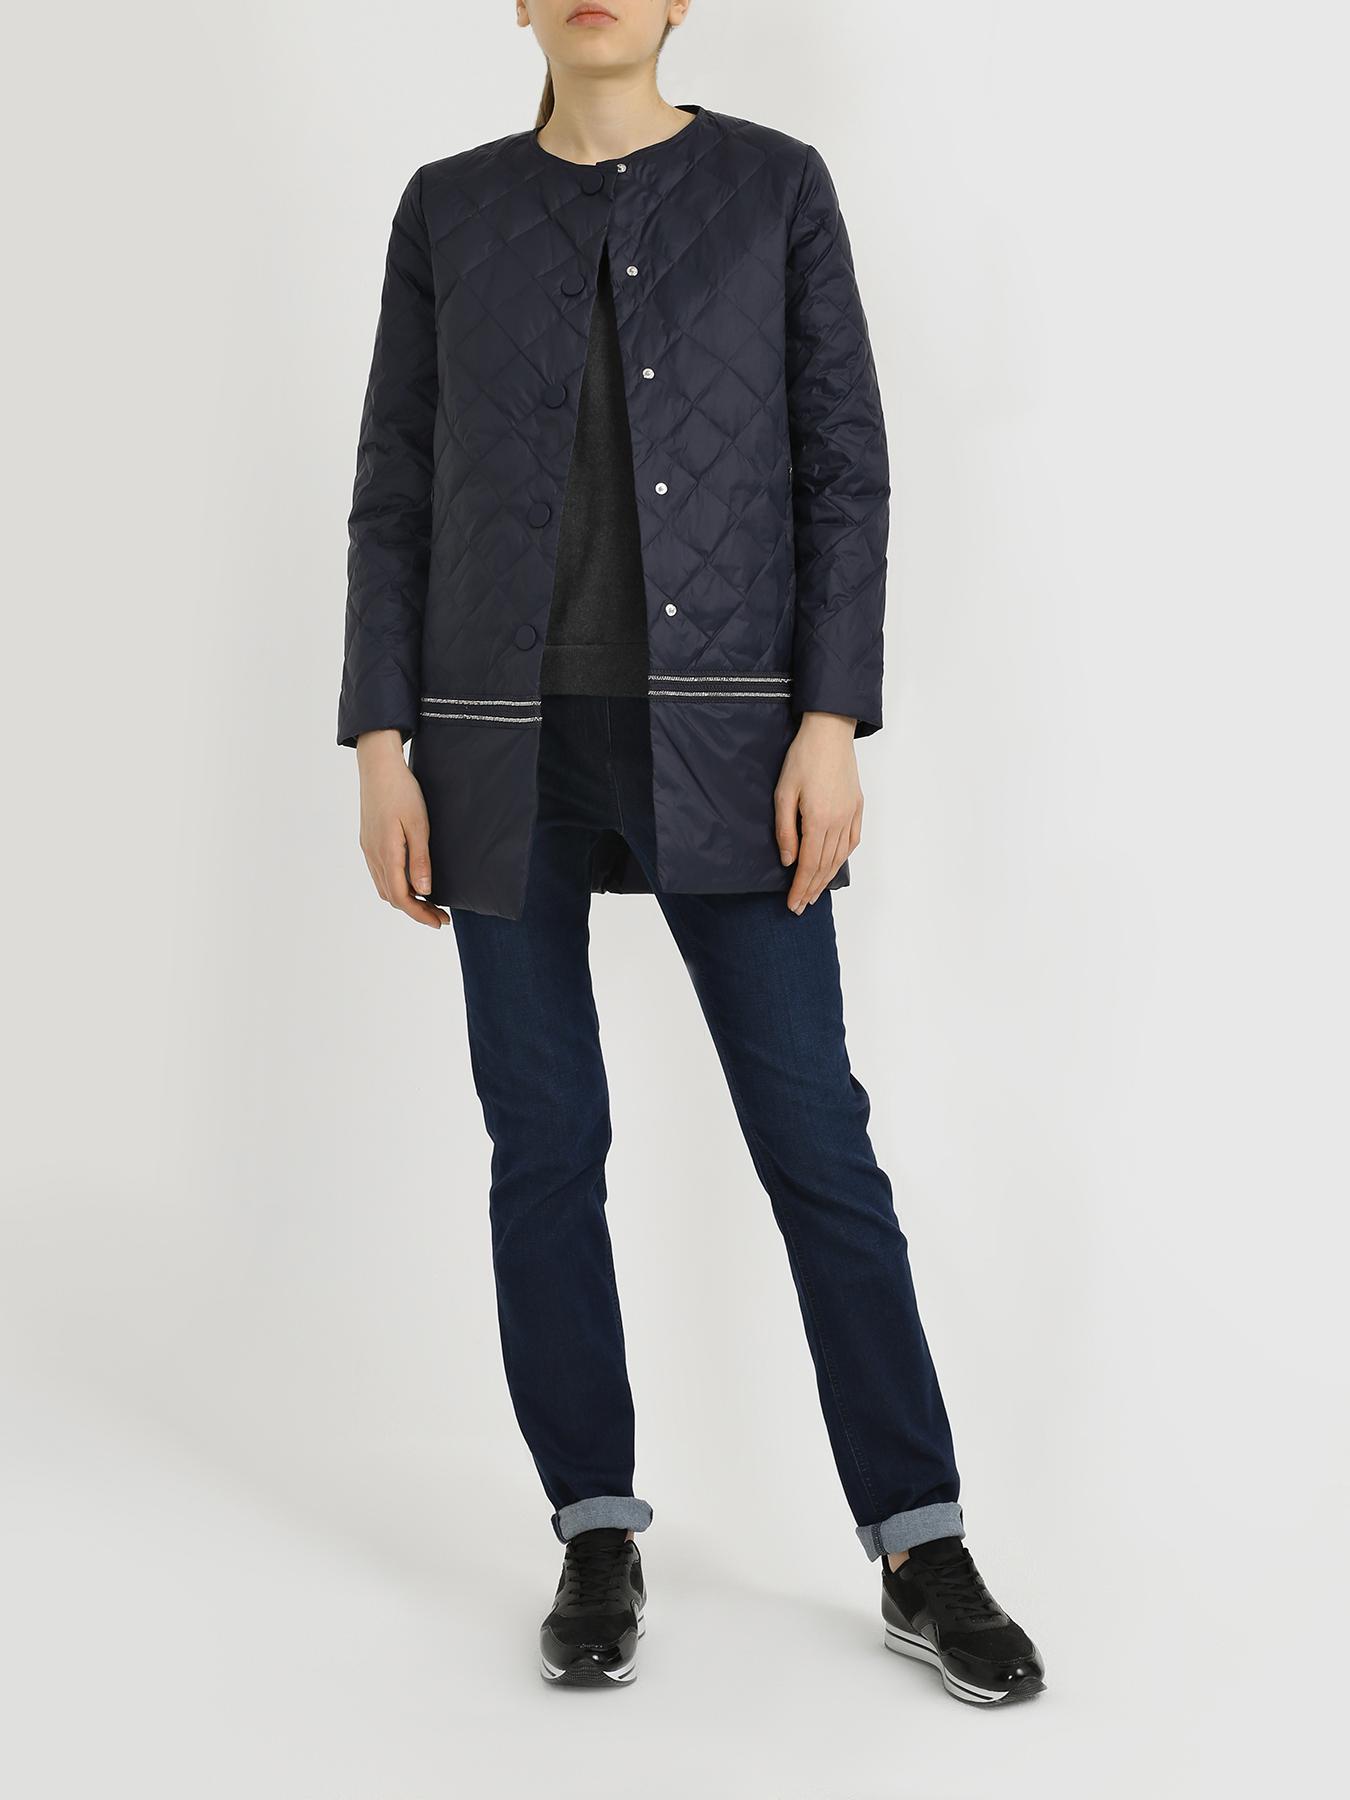 Куртка Korpo Collezioni Стеганая куртка куртка karl lagerfeld стеганая куртка